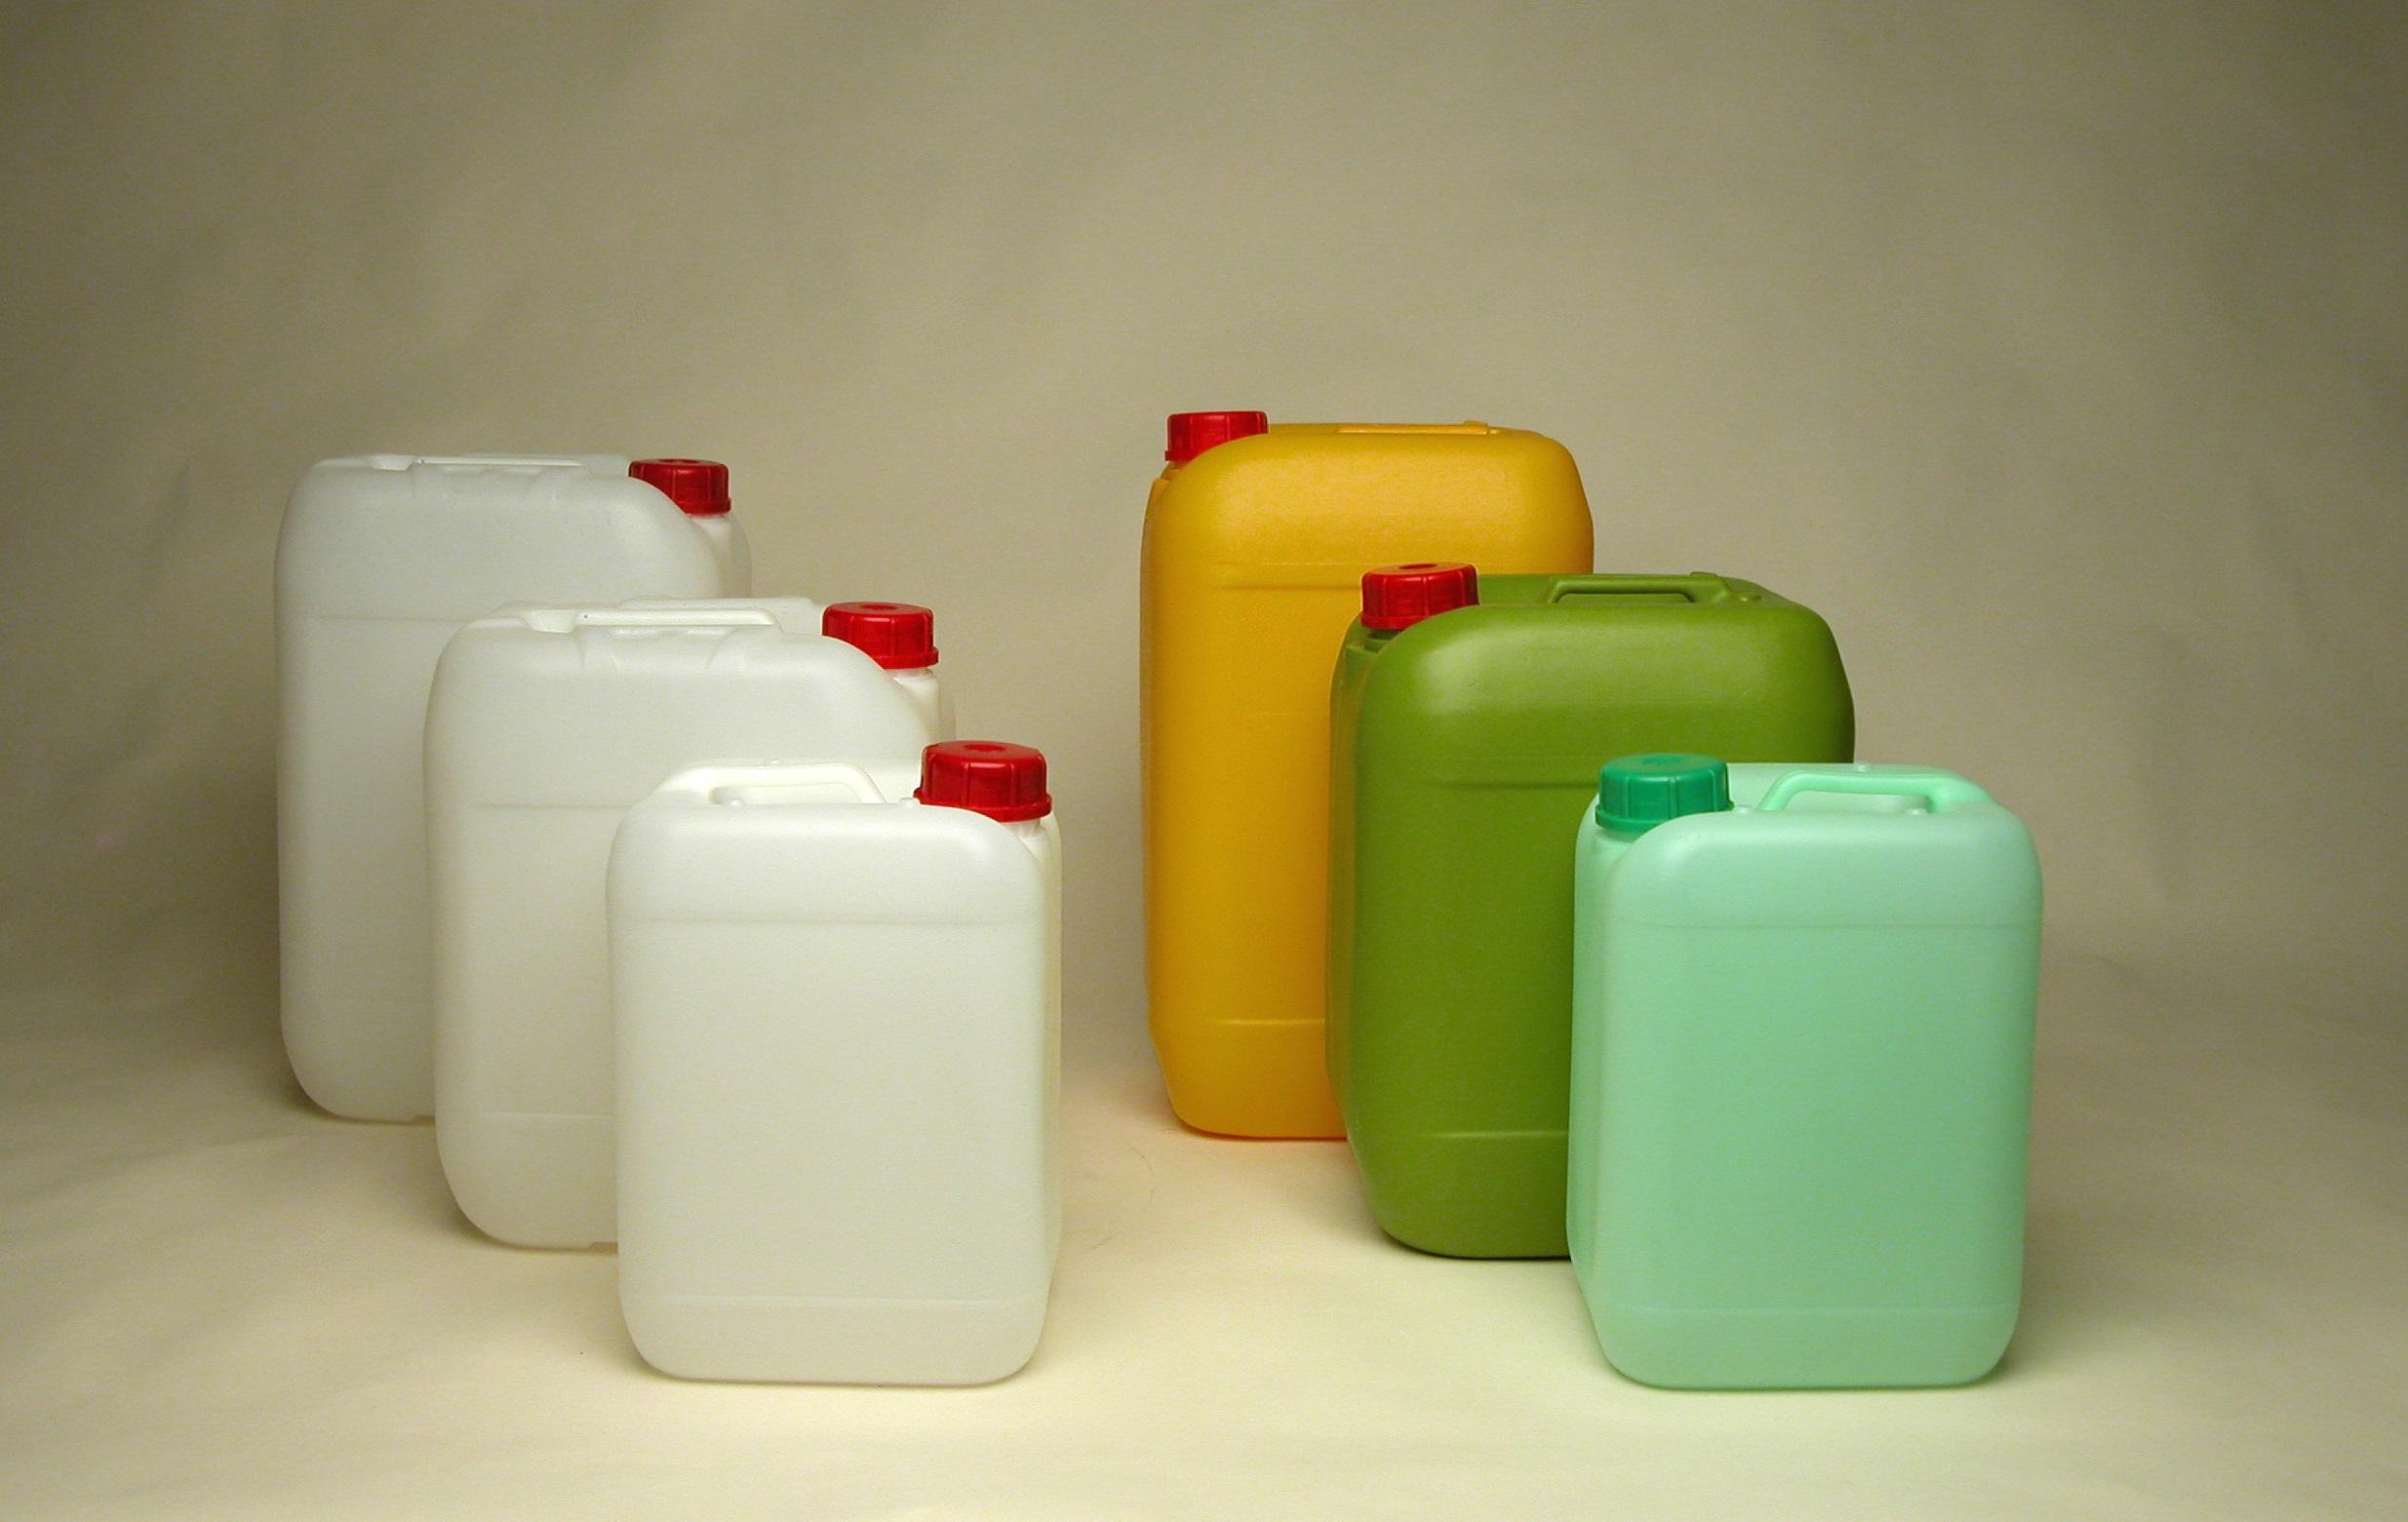 Una nueva tecnología de descontaminación permitirá reciclar envases que hayan contenido sustancias peligrosas